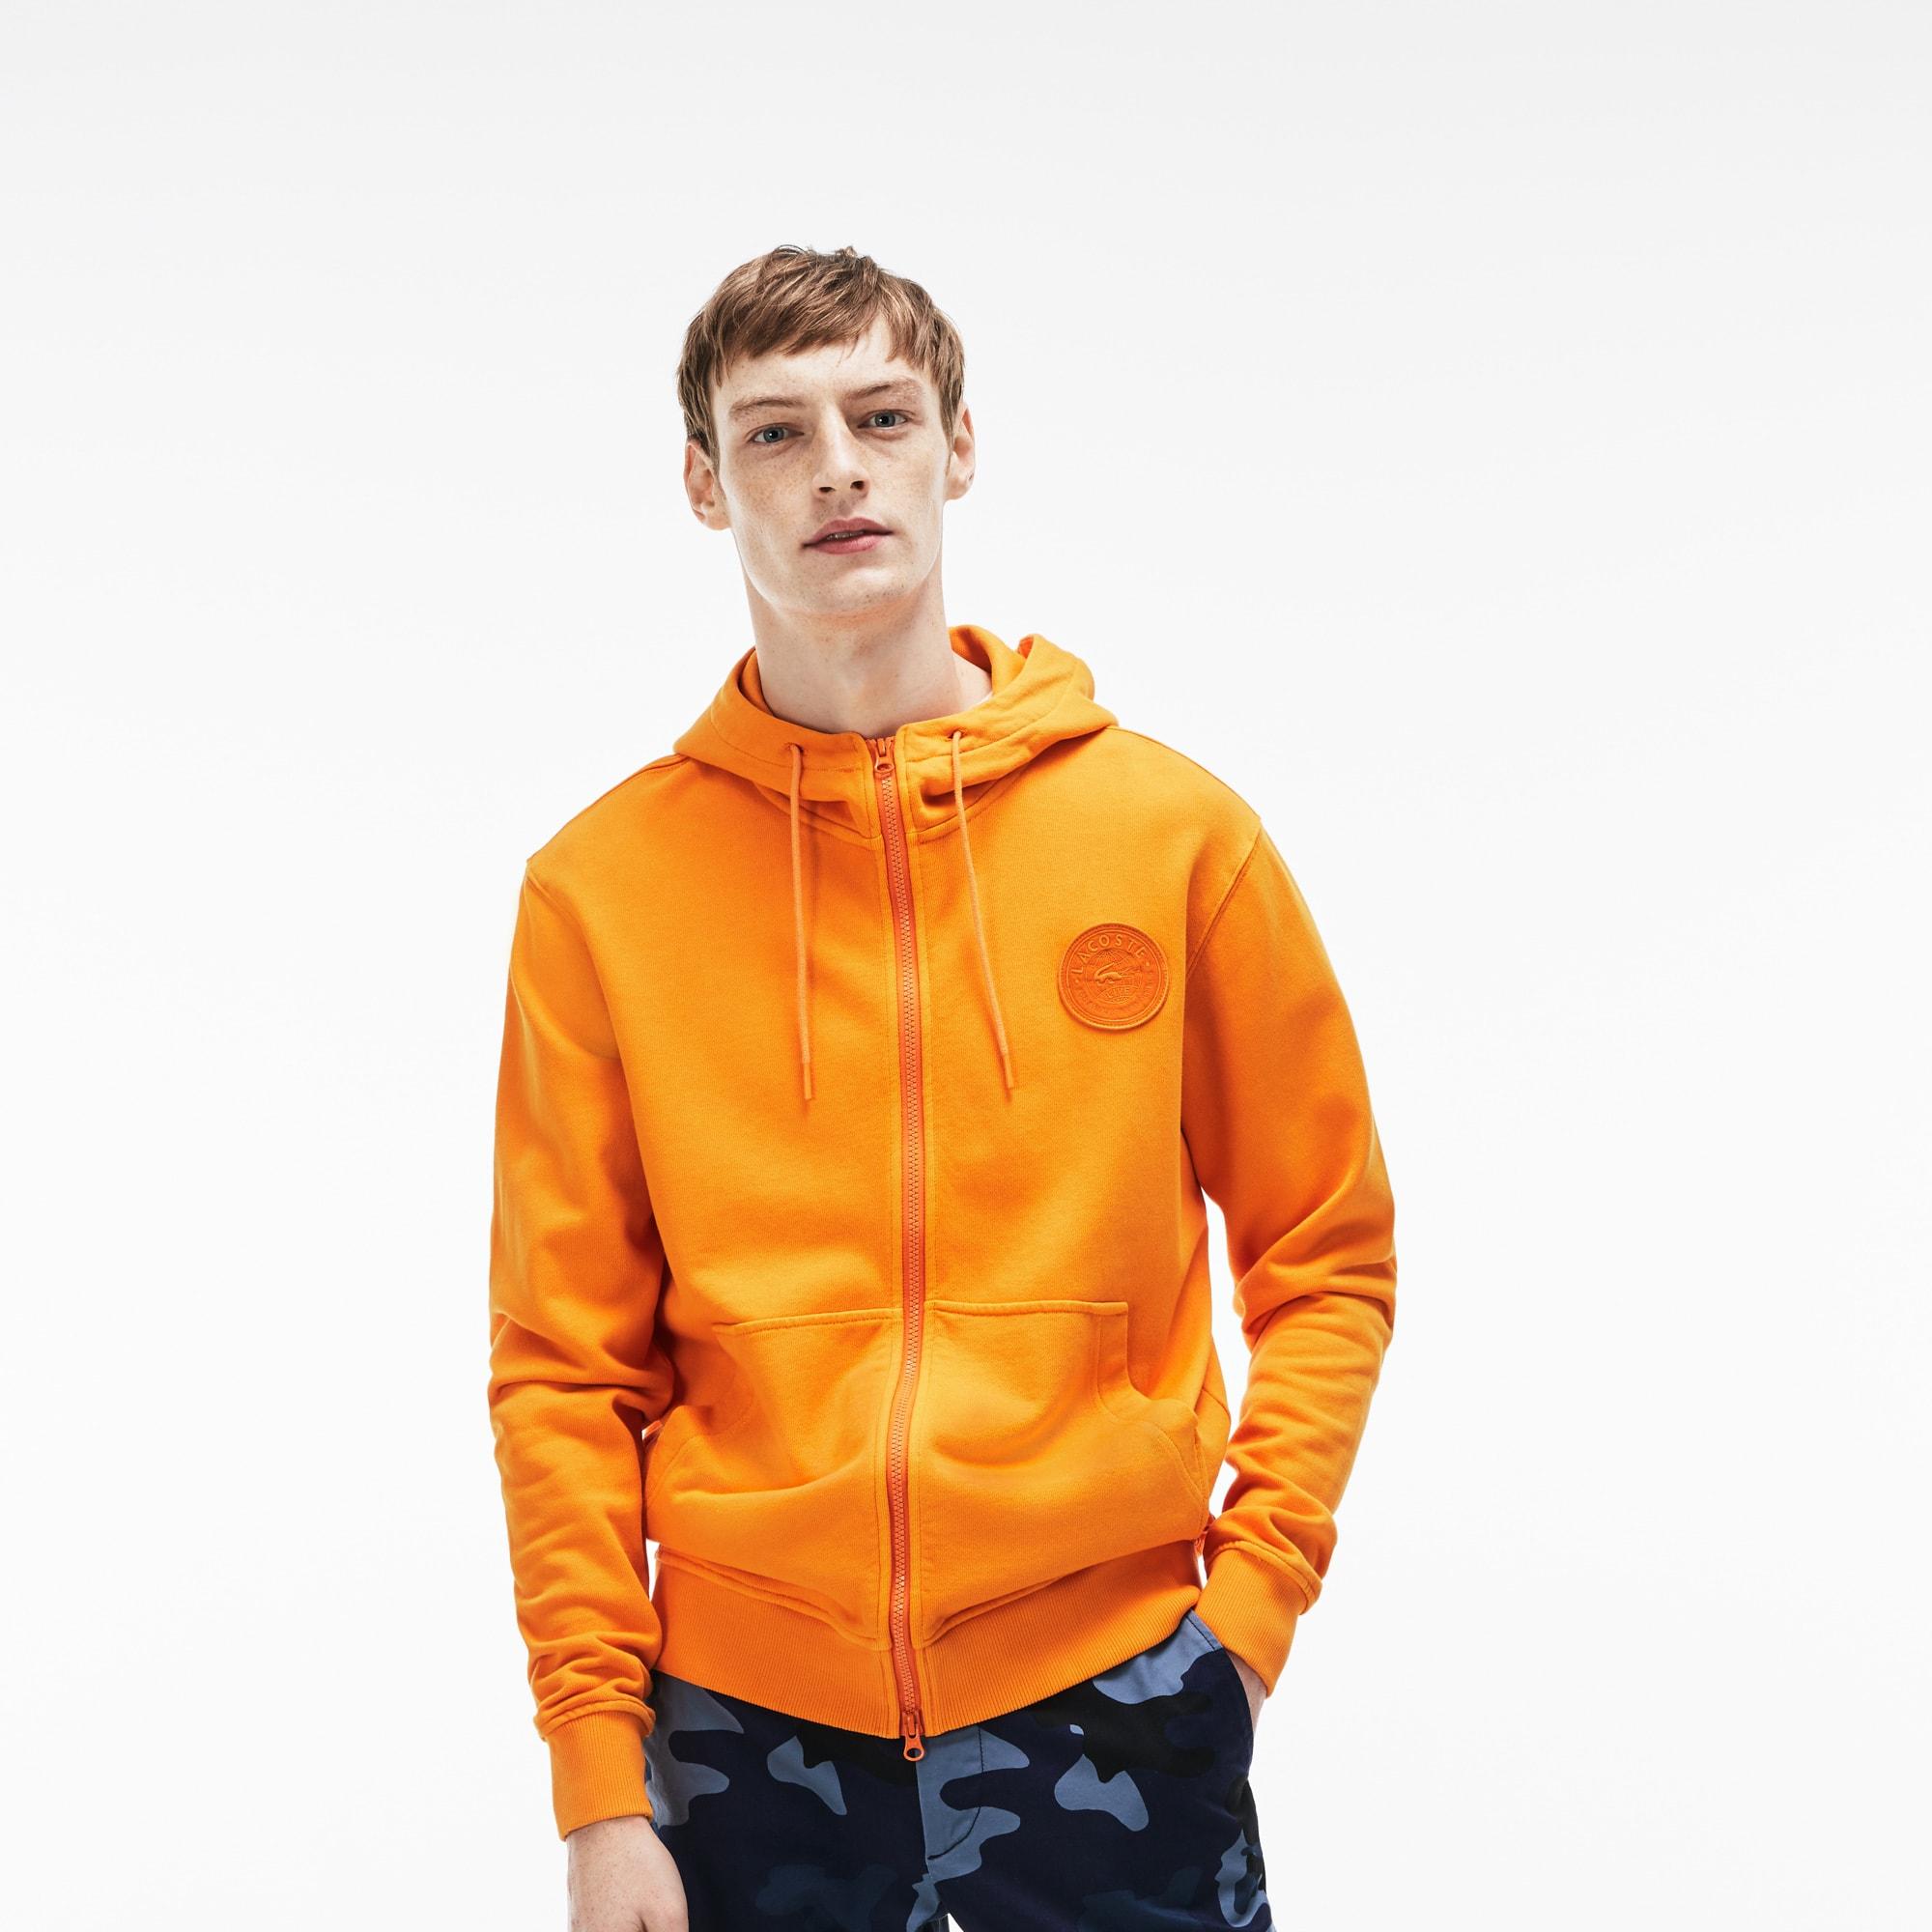 Lacoste LIVE-sweatshirt heren fleece met rits, capuchon en badge